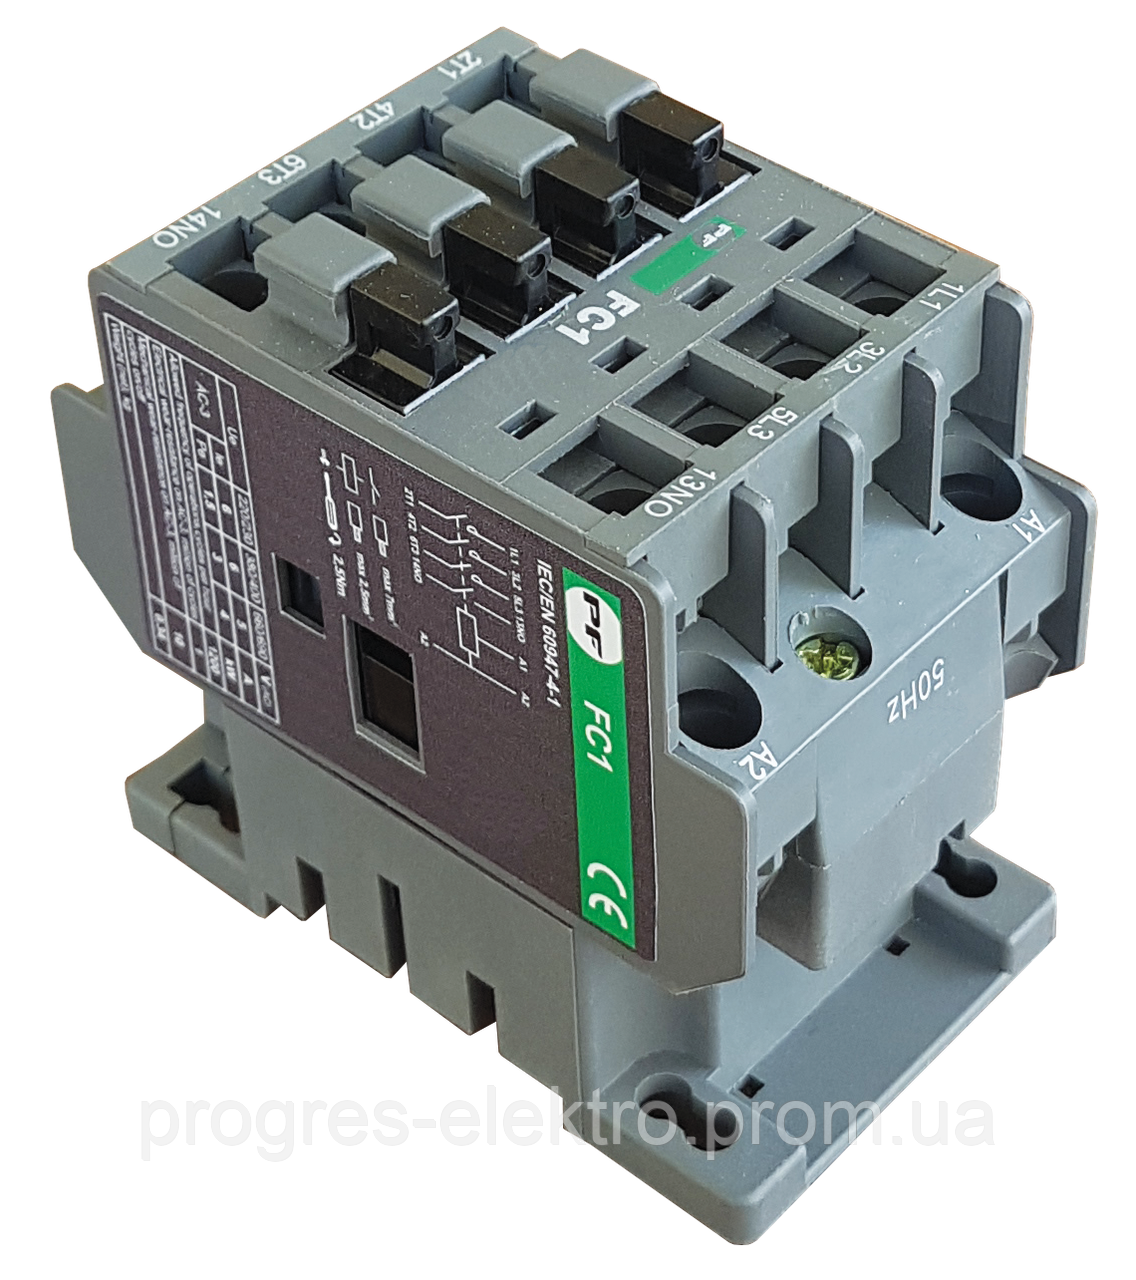 ПММ-1/16 Магнитный пускатель 16А FC1 Promfactor